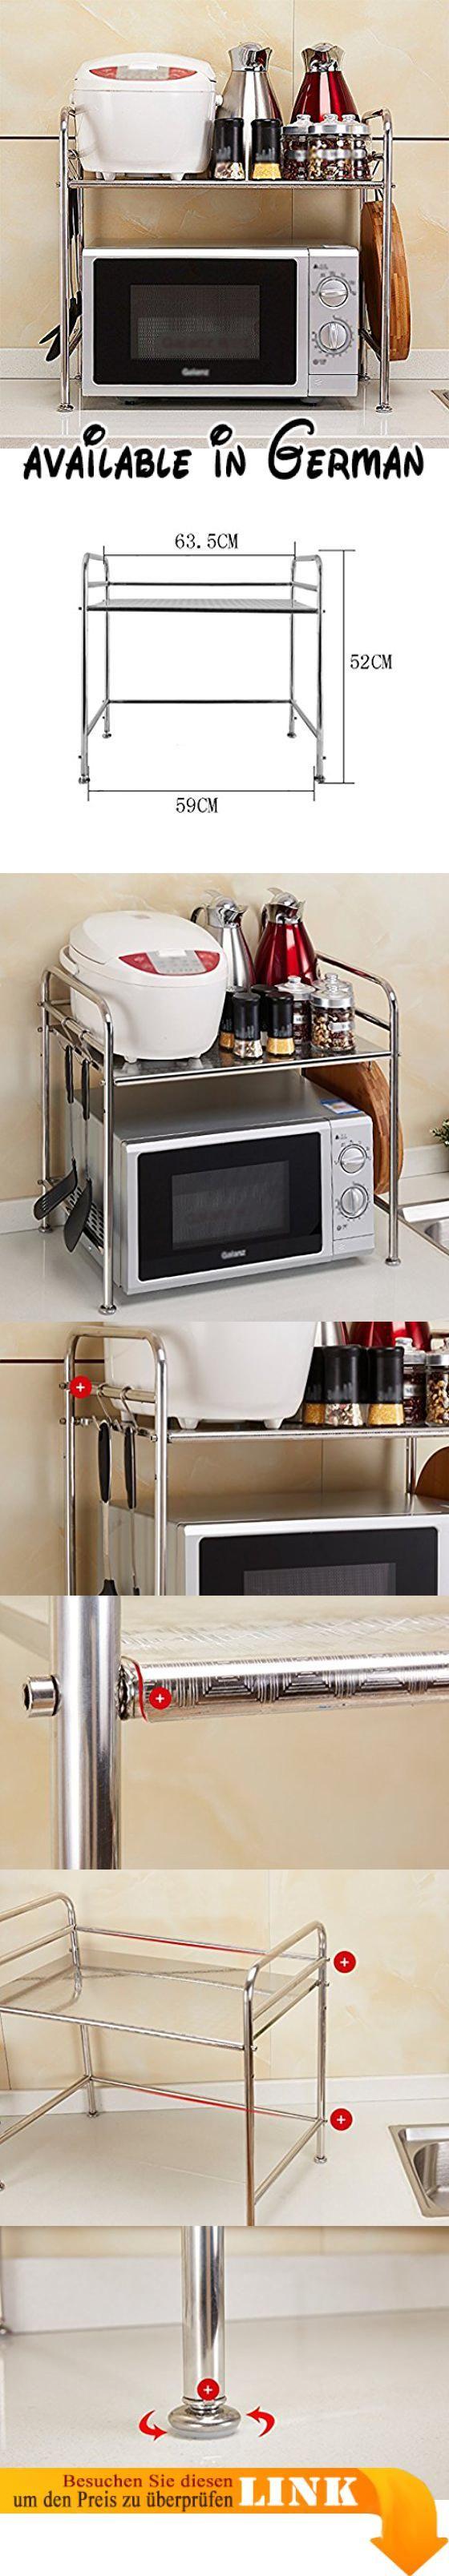 B078V5DR9W : Küche Regal Mikrowelle Ofen Rack Ofen Doppel - Layer ...